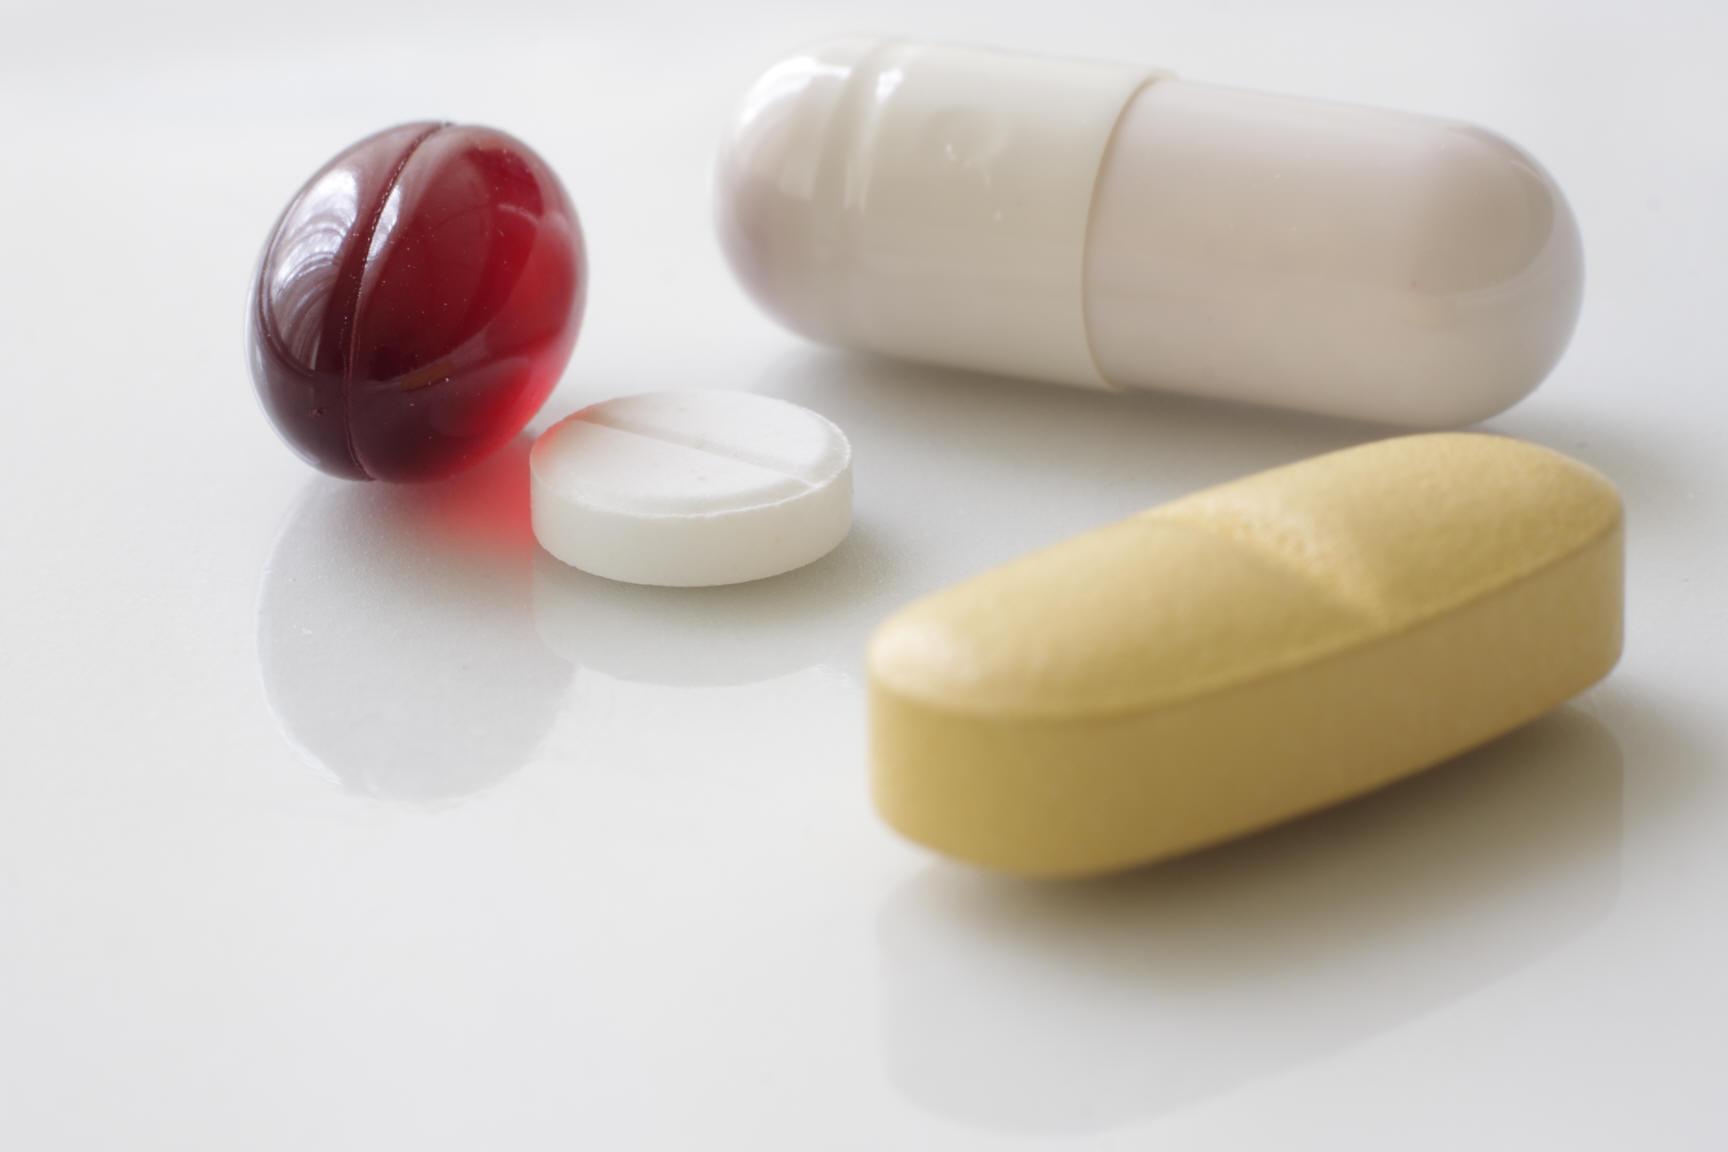 Bittere Pillen für das Gesundheitssystem; Fotot: segovax via Pixelio.de